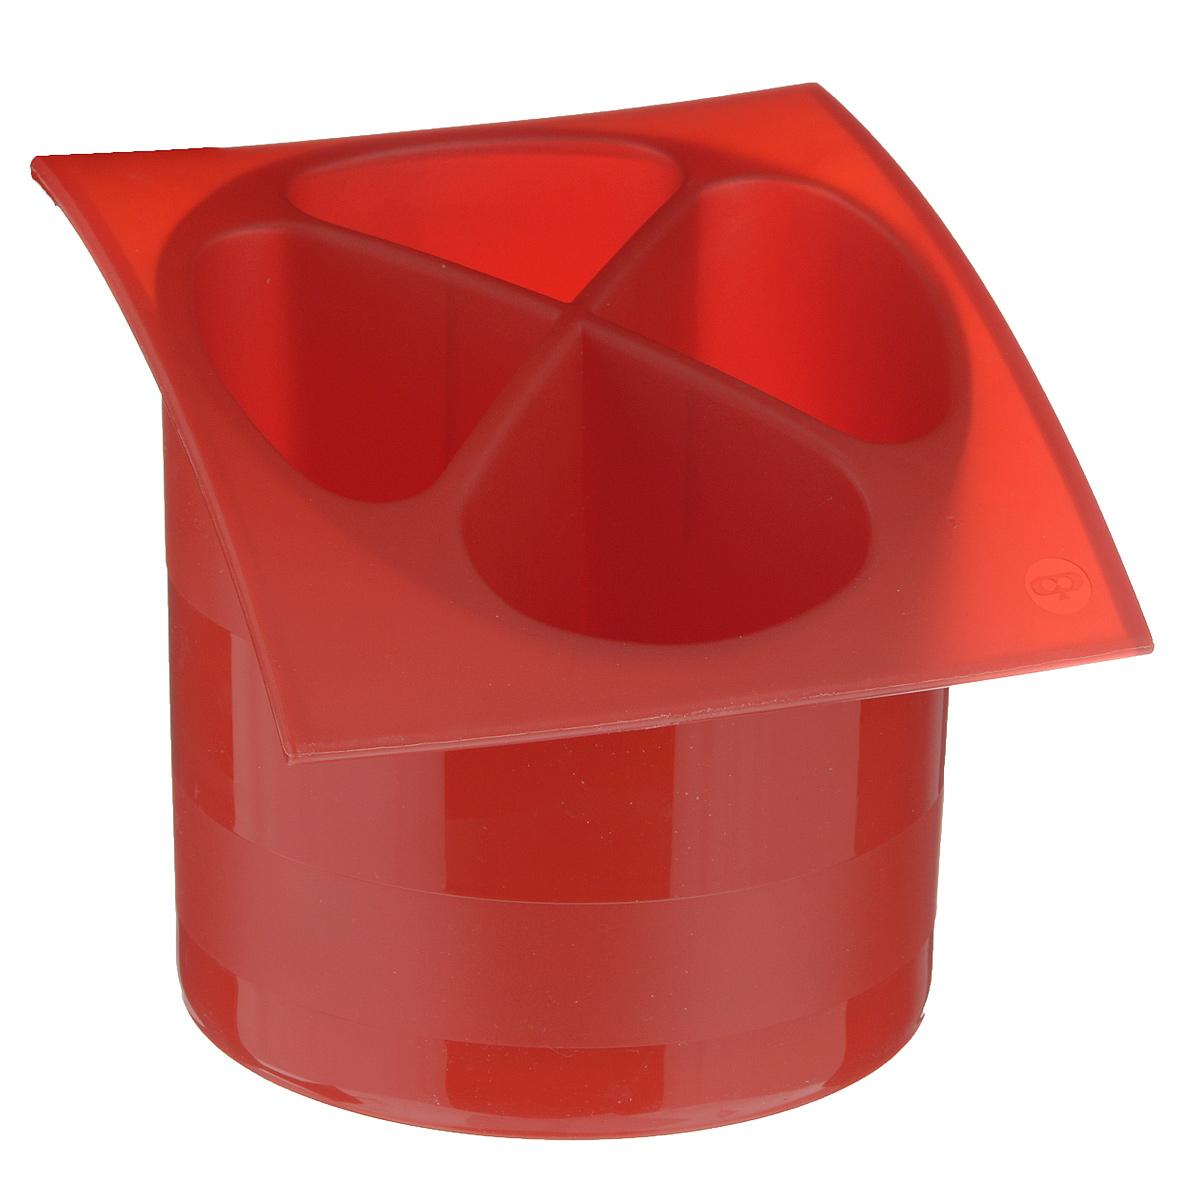 Подставка для столовых приборов Cosmoplast, цвет: красный, диаметр 14 см2140Подставка для столовых приборов Cosmoplast, выполненная из высококачественного пластика, станет полезным приобретением для вашей кухни. Подставка имеет четыре отделения для разных видов столовых приборов. Дно отделений оснащено отверстиями. Подставка вставляется в емкость, предназначенную для стекания воды. Подставка Cosmoplast удобна в использовании и имеет яркий современный дизайн, который станет ярким акцентом в интерьере вашей кухни. Можно мыть в посудомоечной машине. Диаметр основания: 13,5 см. Размер подставки: 15,5 см х 16,5 см х 14,5 см.